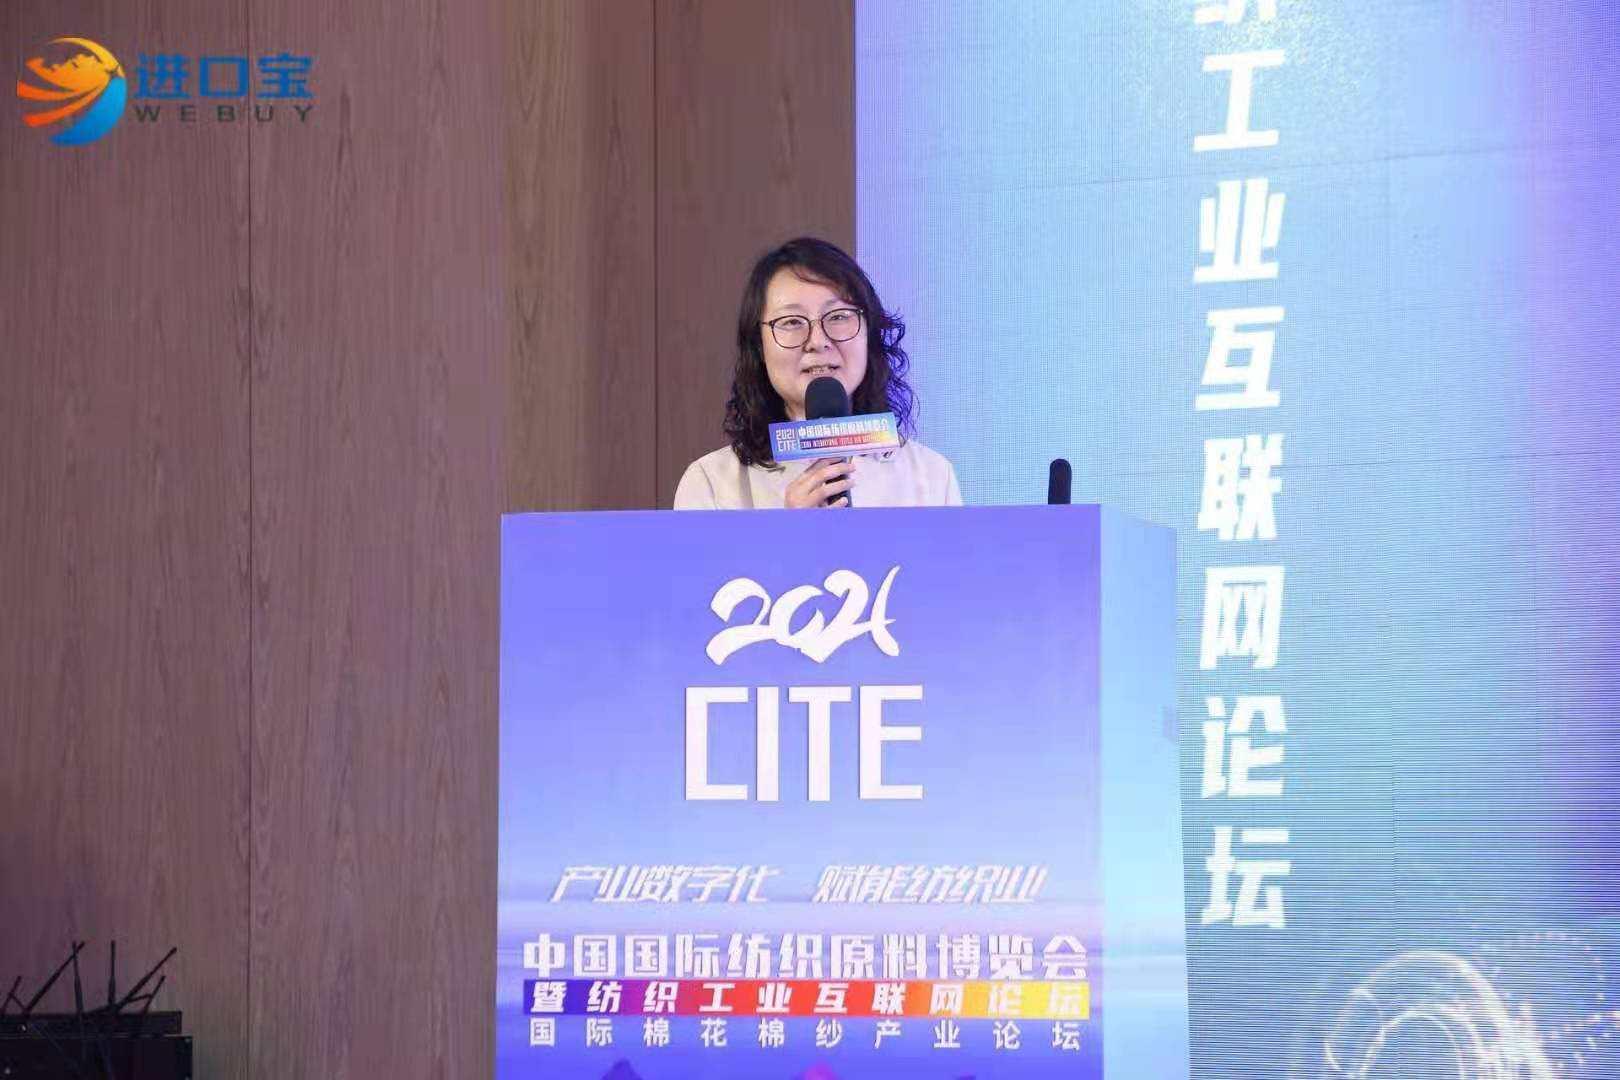 海尔衣联网亮相2021中国纺织工业互联网论坛,赋能产业数字化转型